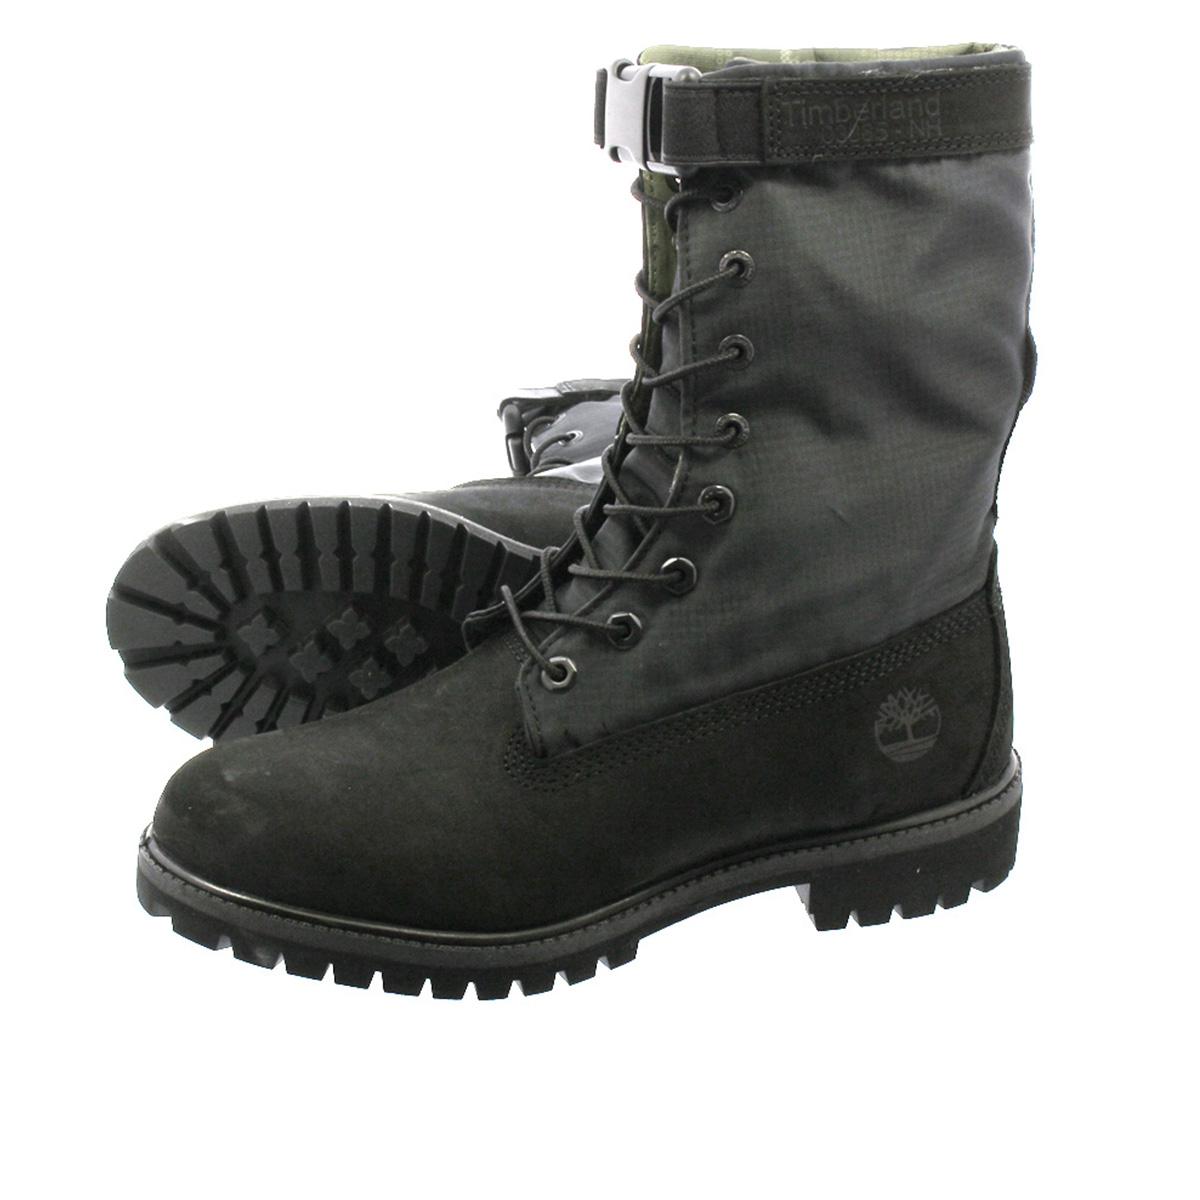 TIMBERLAND 6inch PREMIUM GAITER BOOTS ティンバーランド 6インチ プレミアム ゲイター ブーツ BLACK NUBACK a1ubp